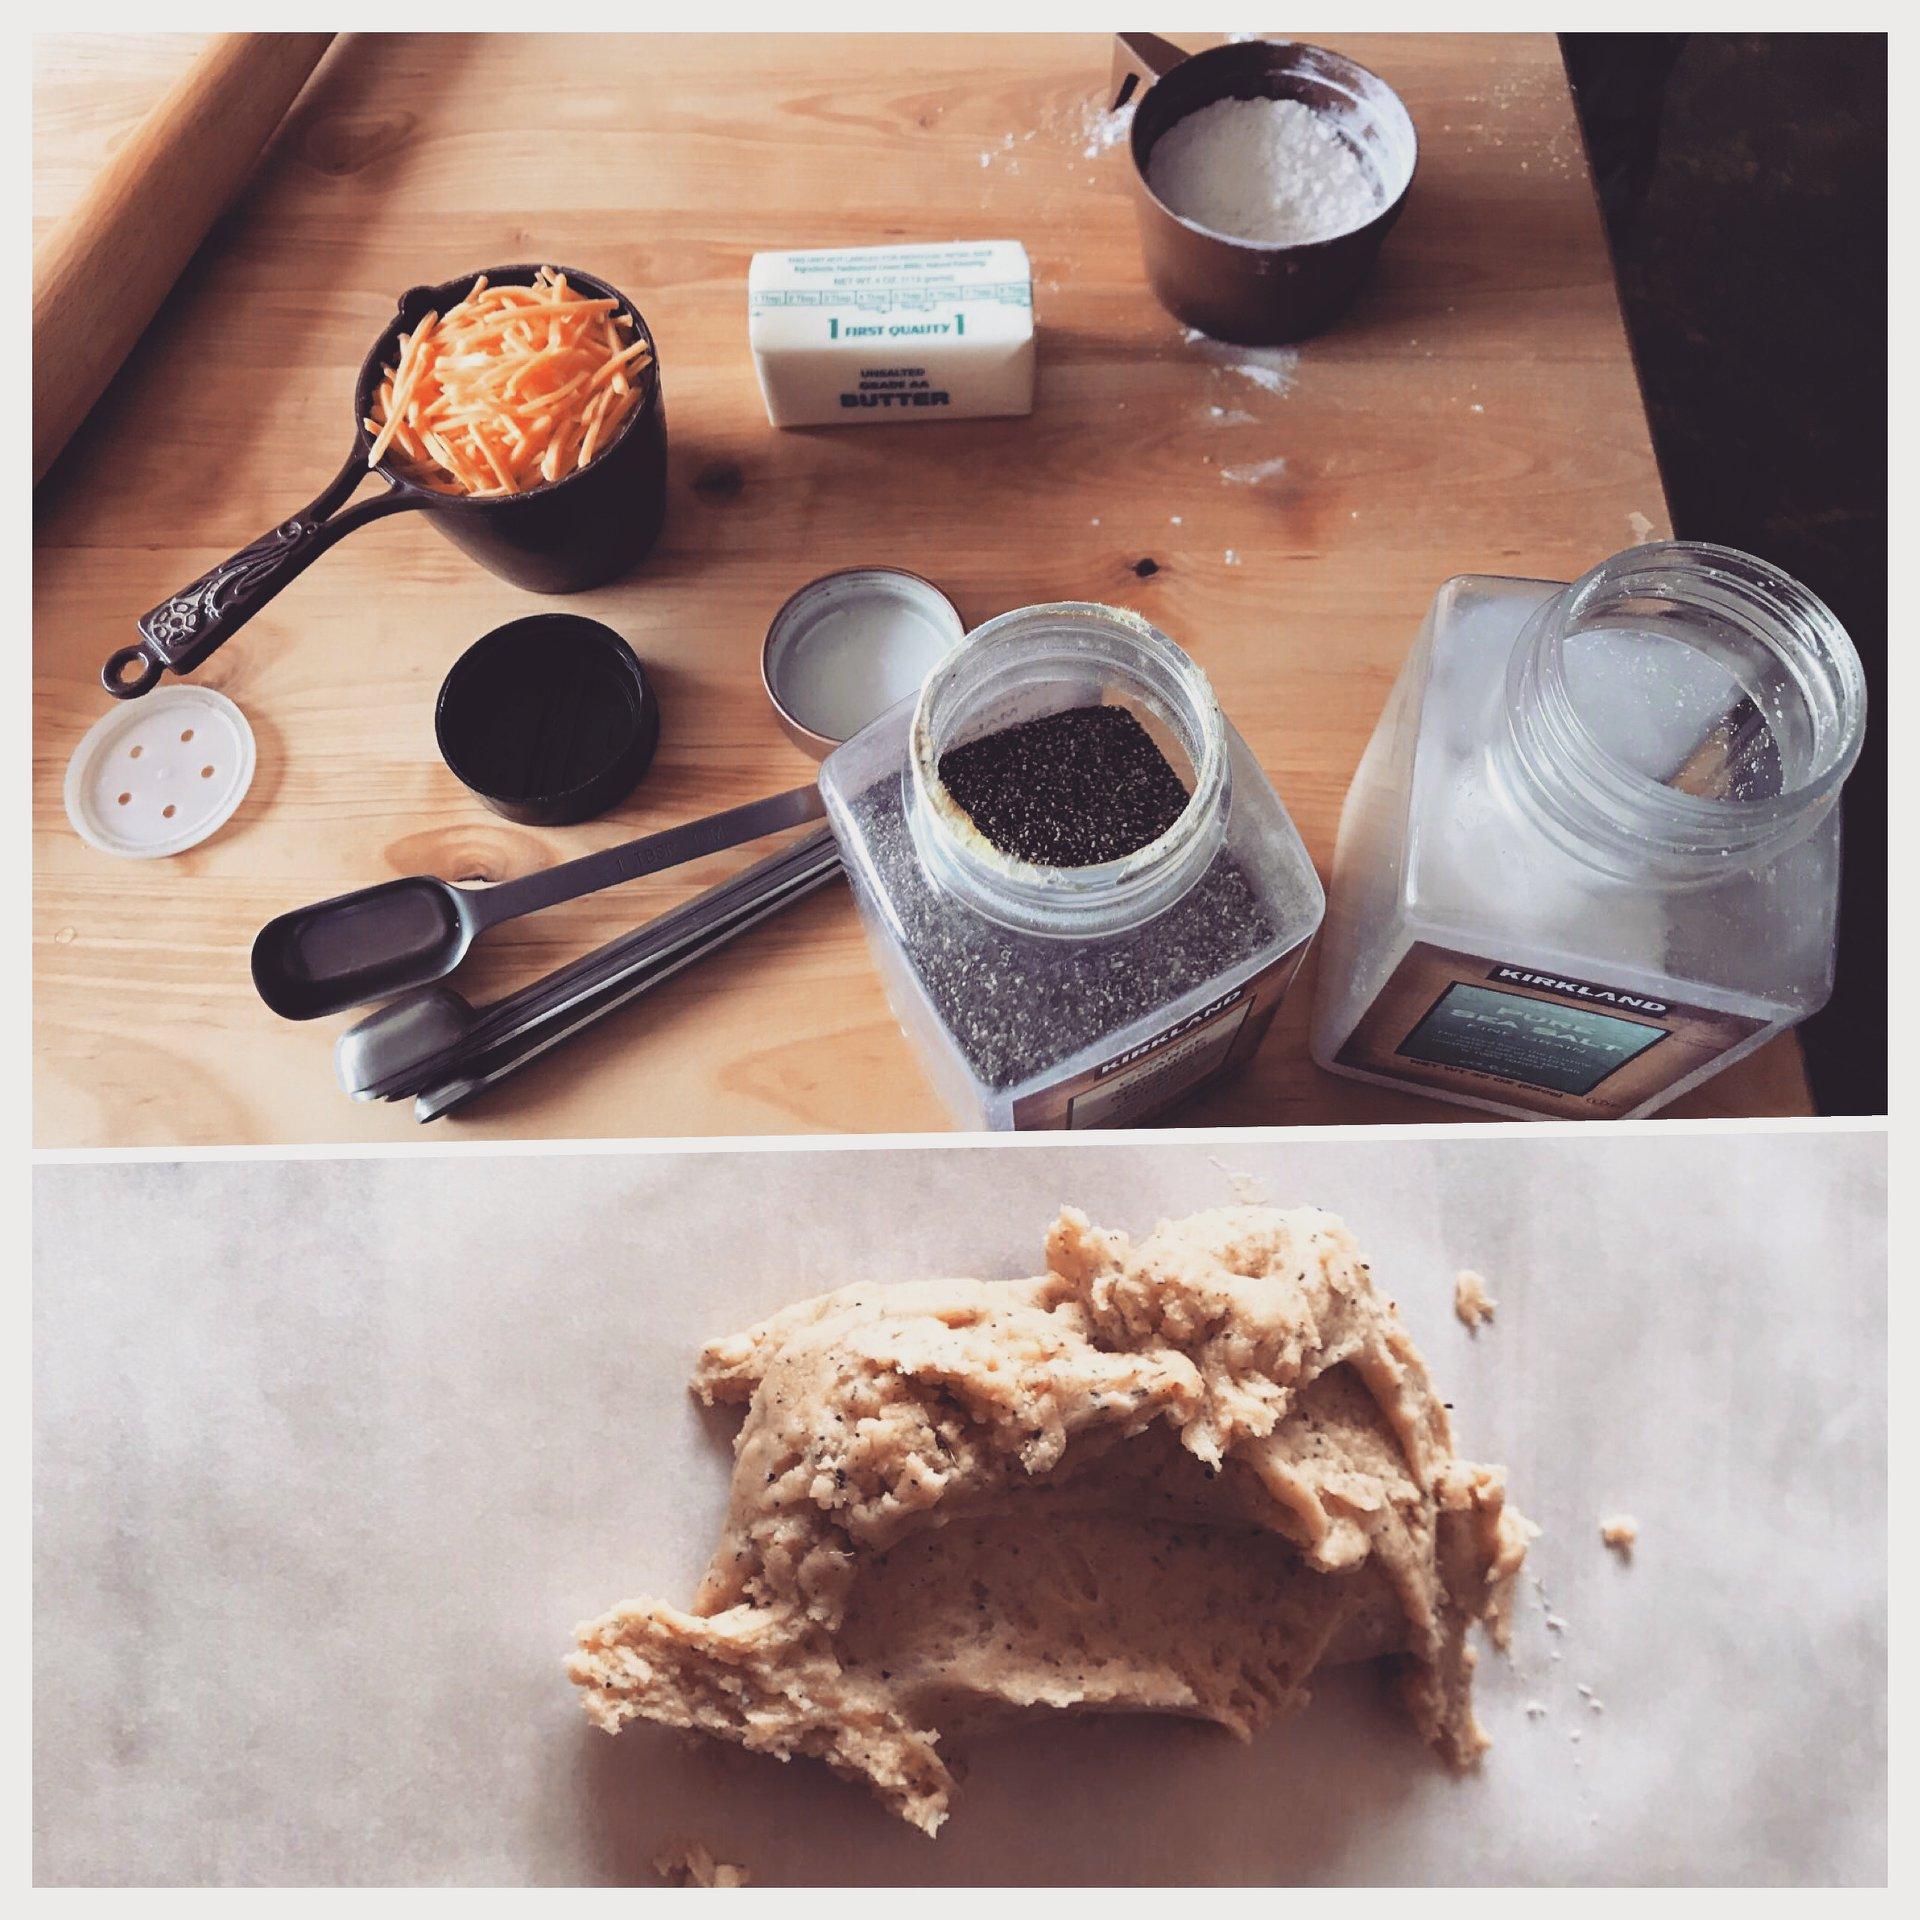 Cracker ingredients & dough